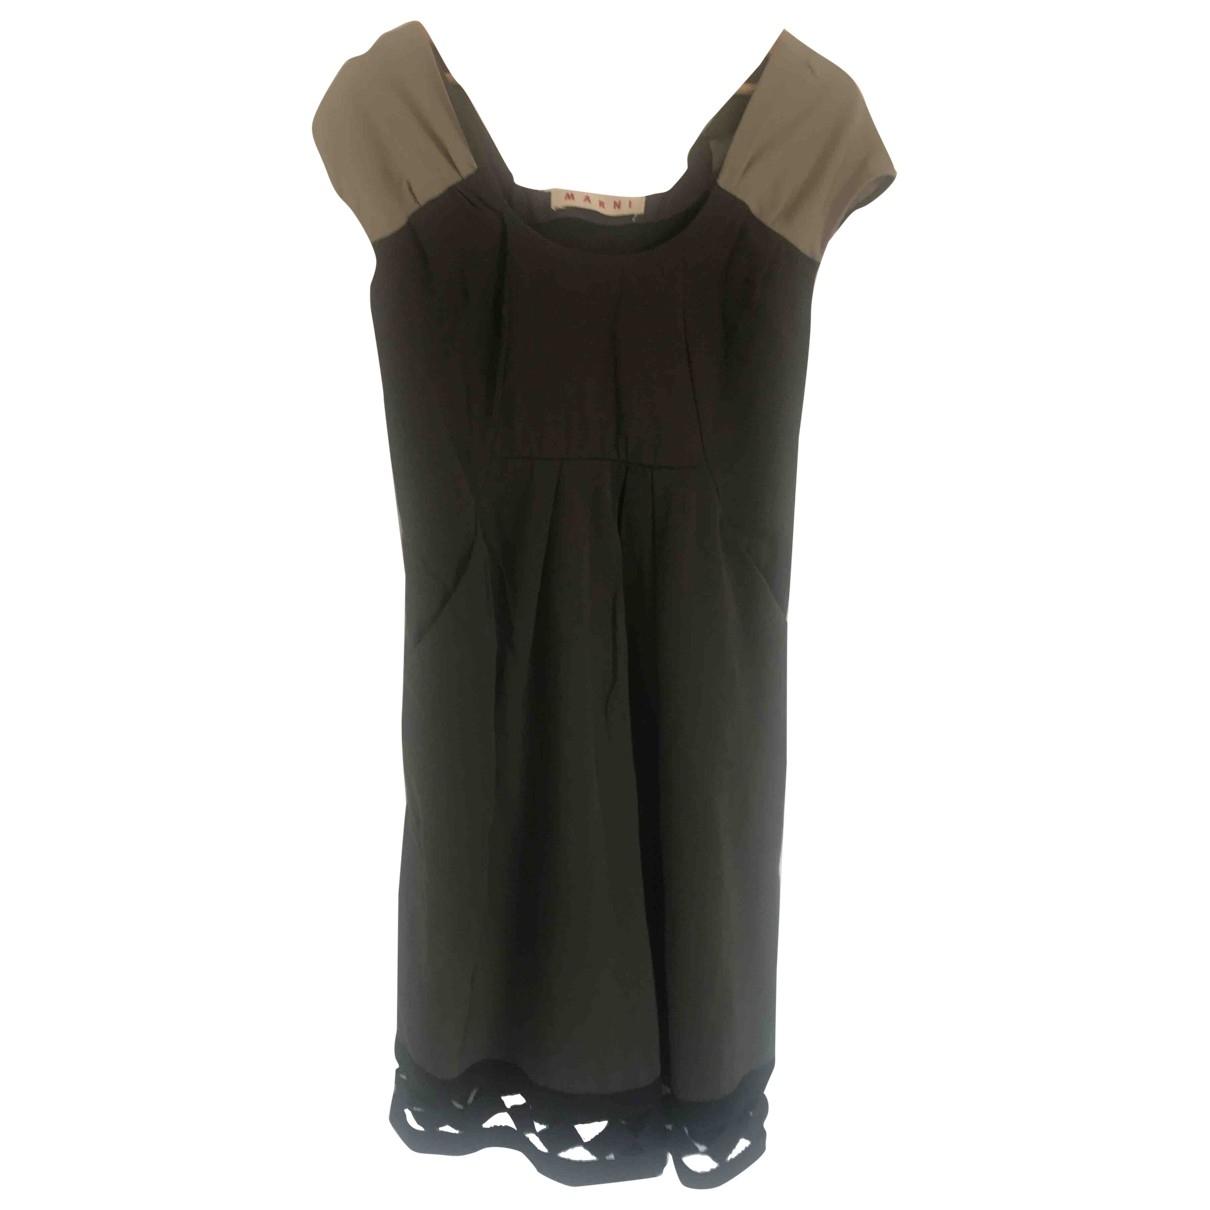 Marni \N Green Wool dress for Women 42 IT